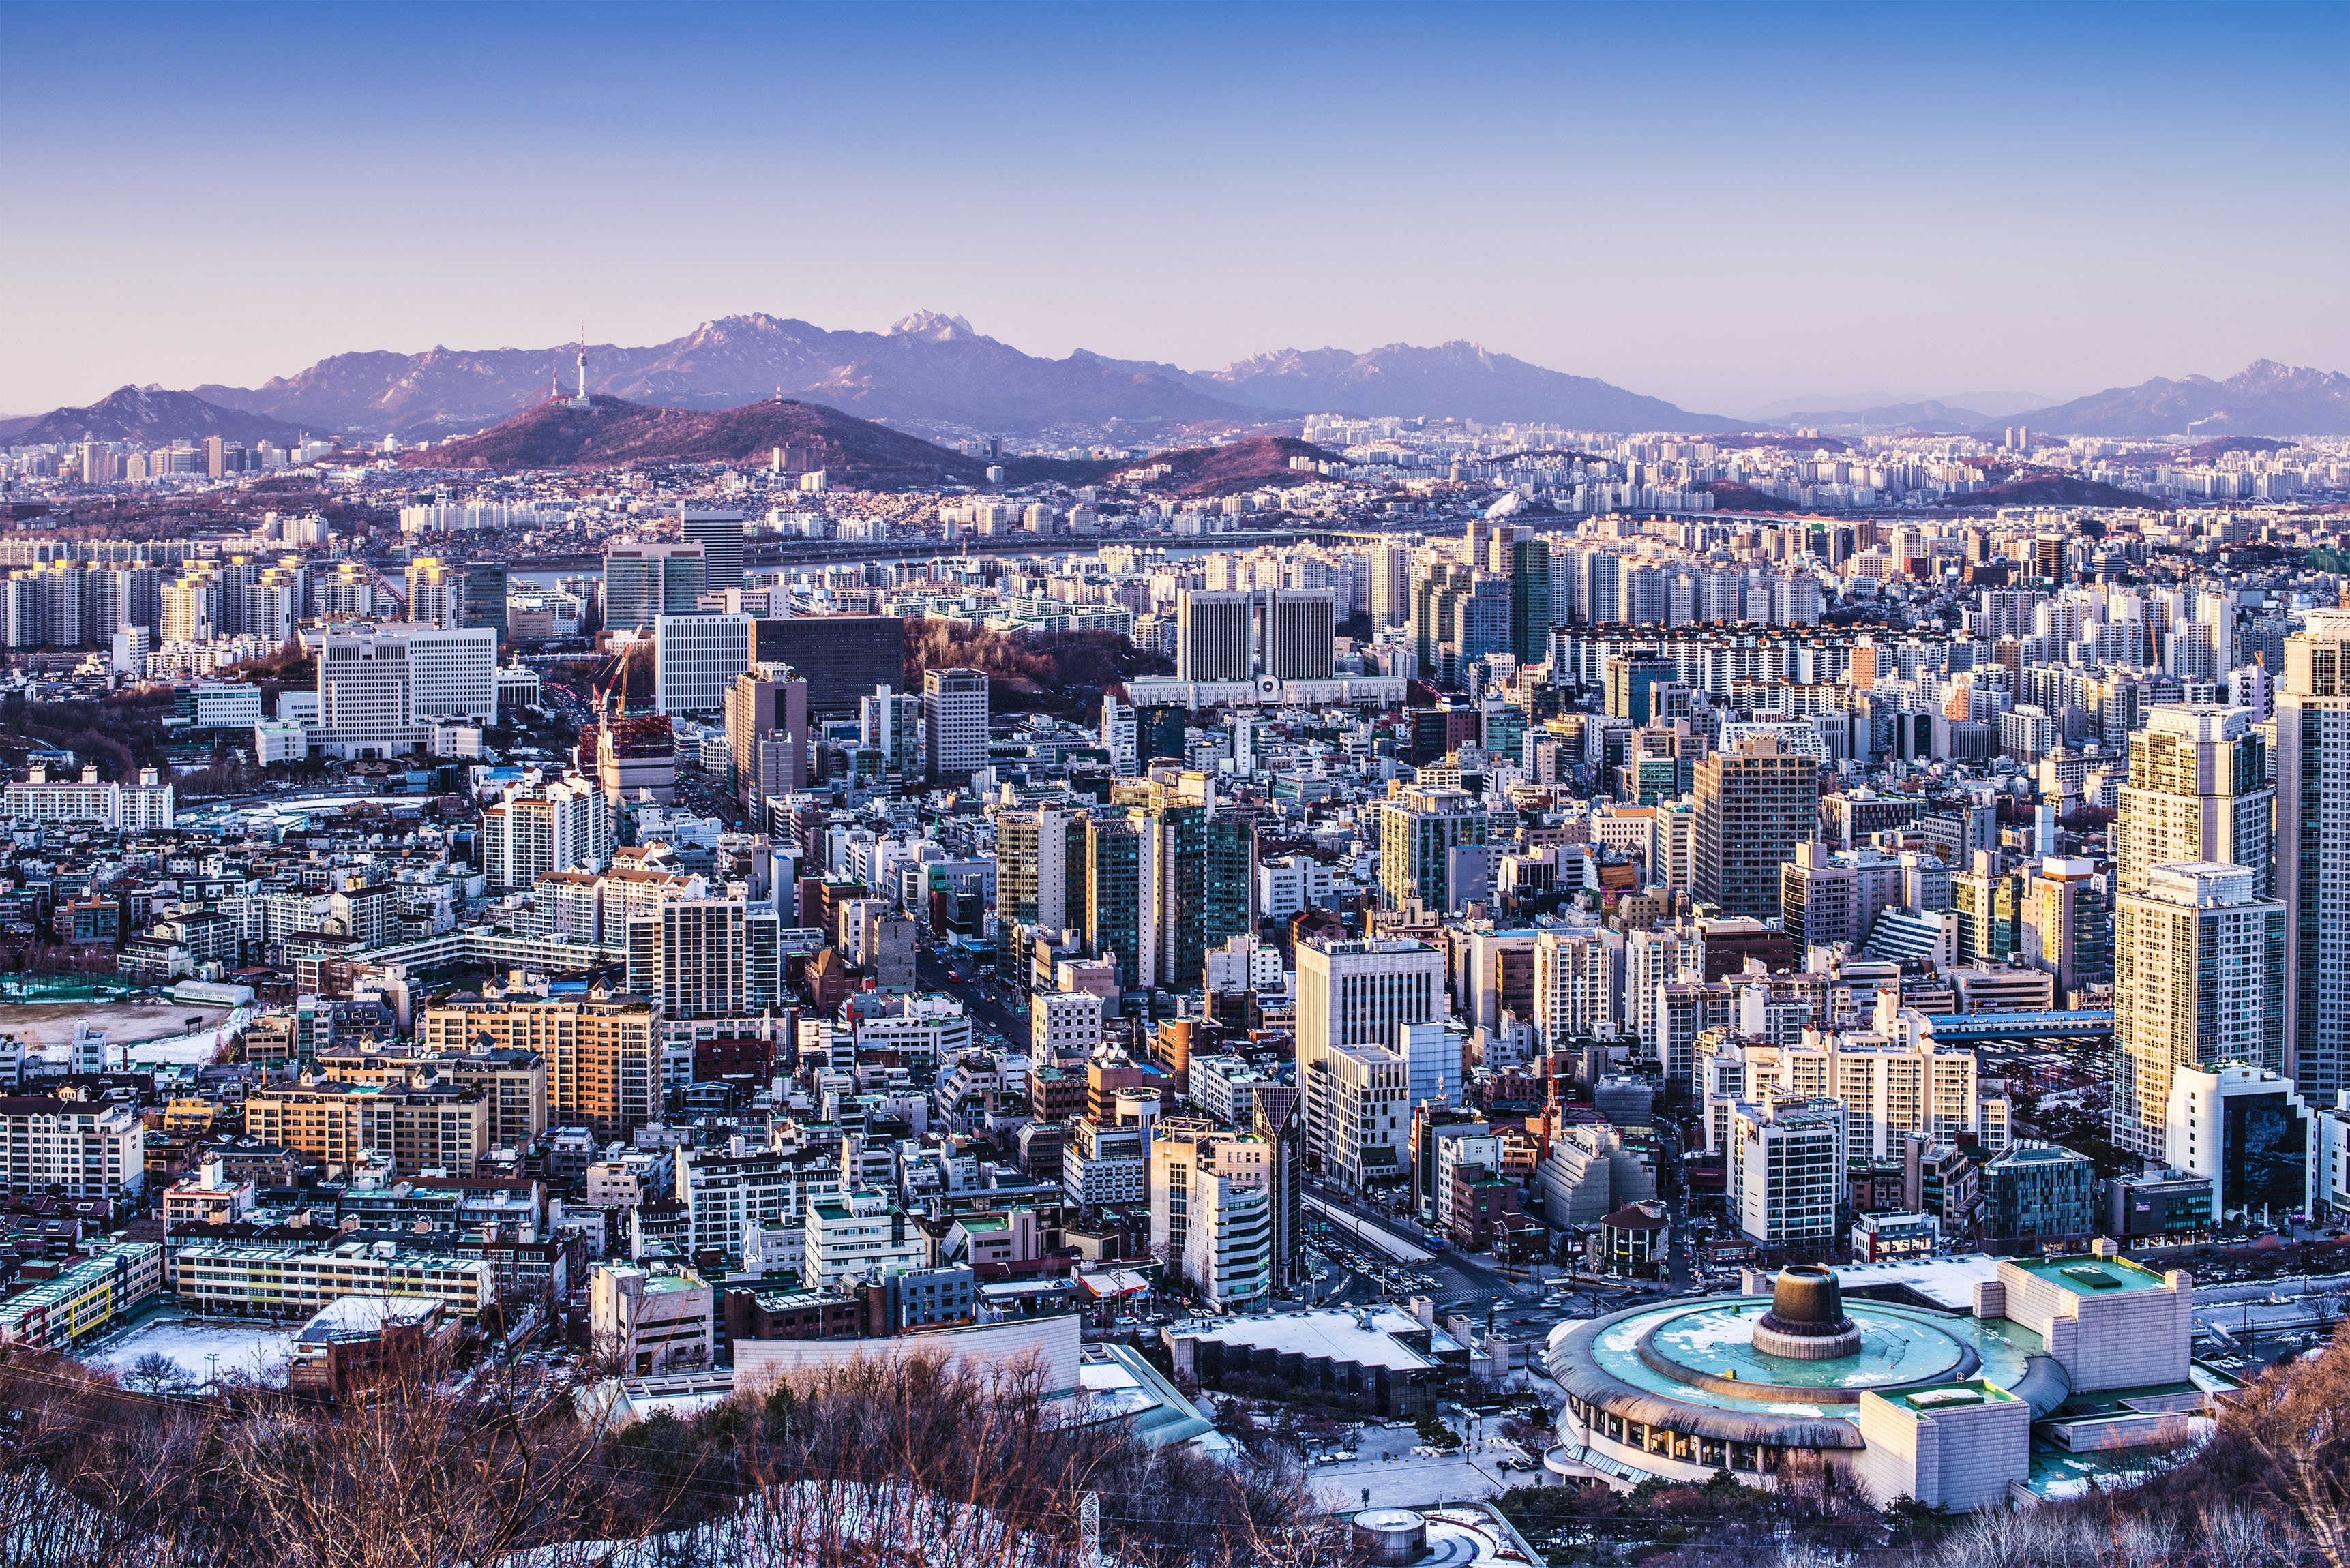 Seoul Hd Wallpaper